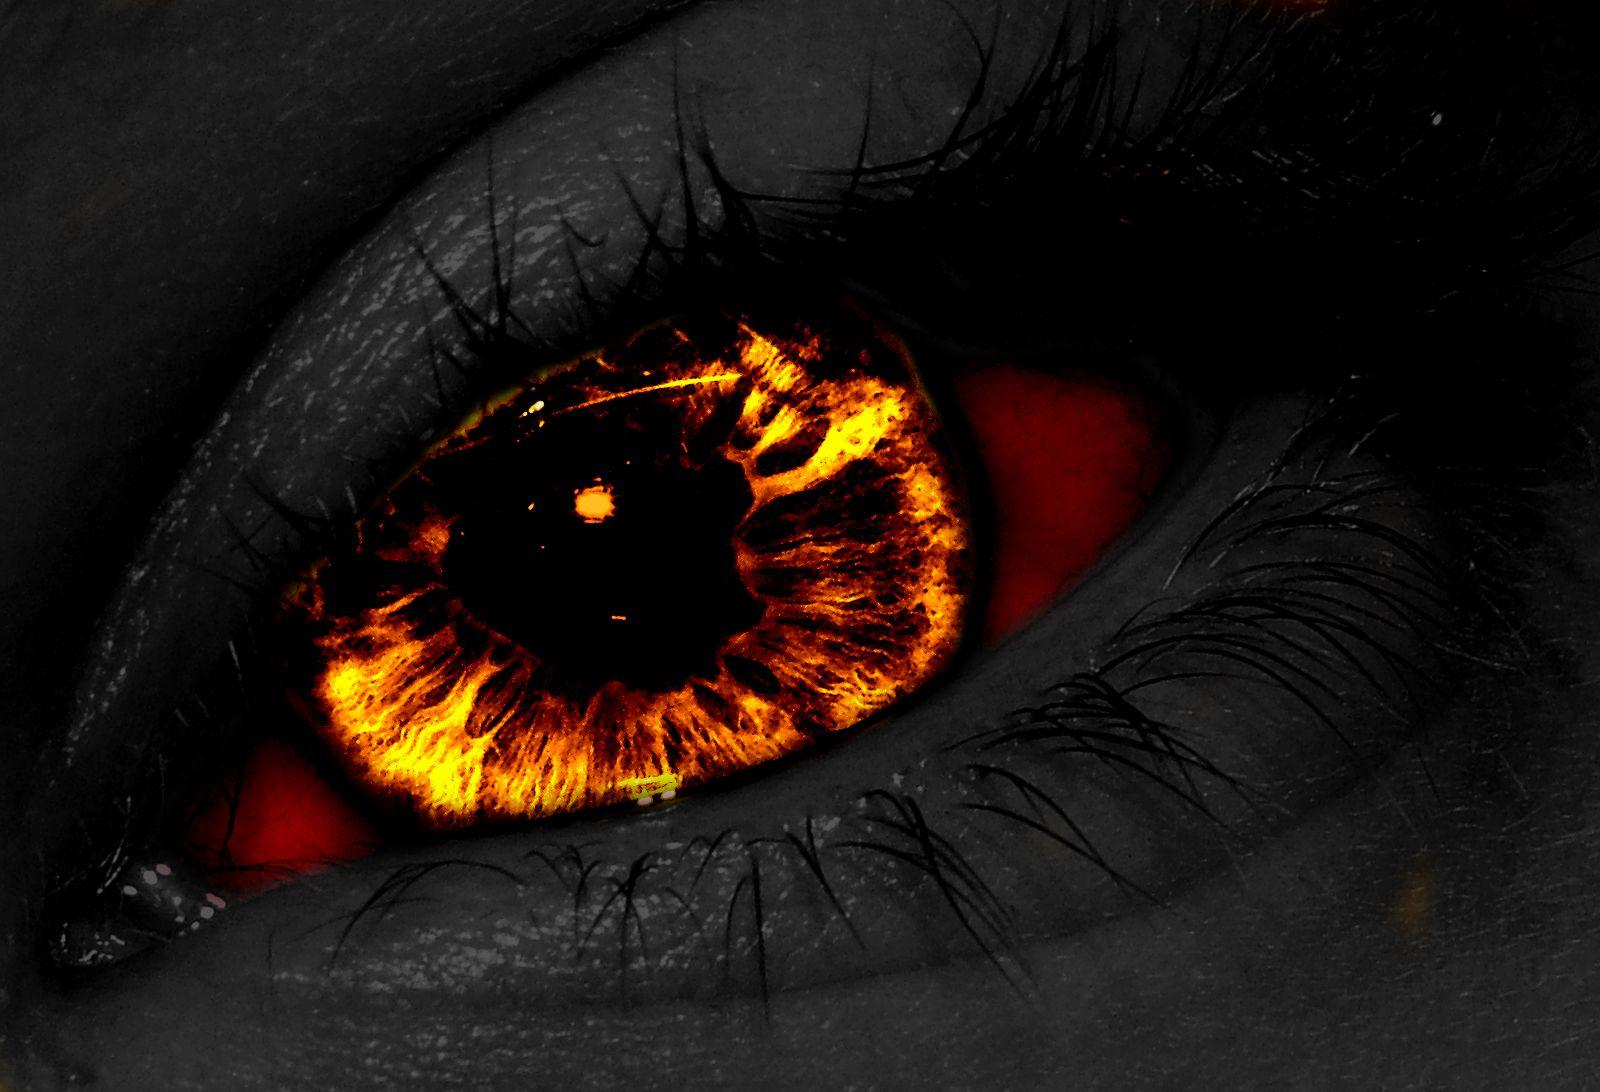 dark inside demon eye quotevcom - 1024×698